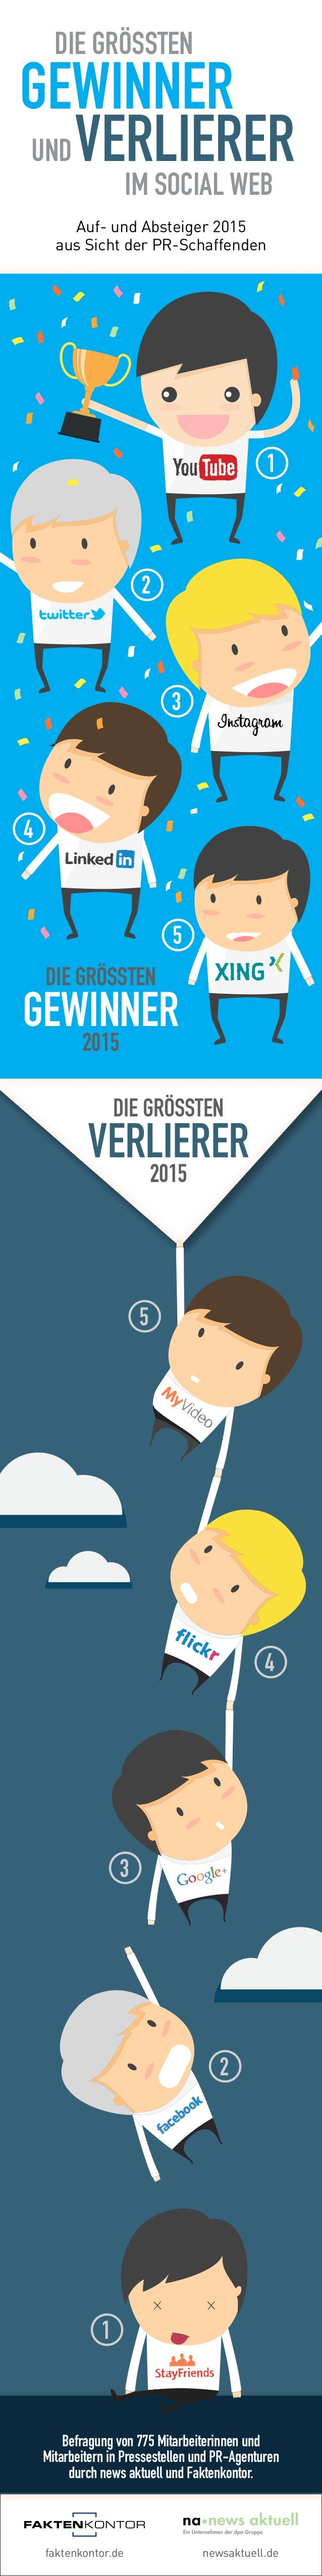 faktenkontor.de newsaktuell.de Die gröSSten Gewinner undVerlierer im Social Web Auf- und Absteiger 2015 aus Sicht der PR-S...